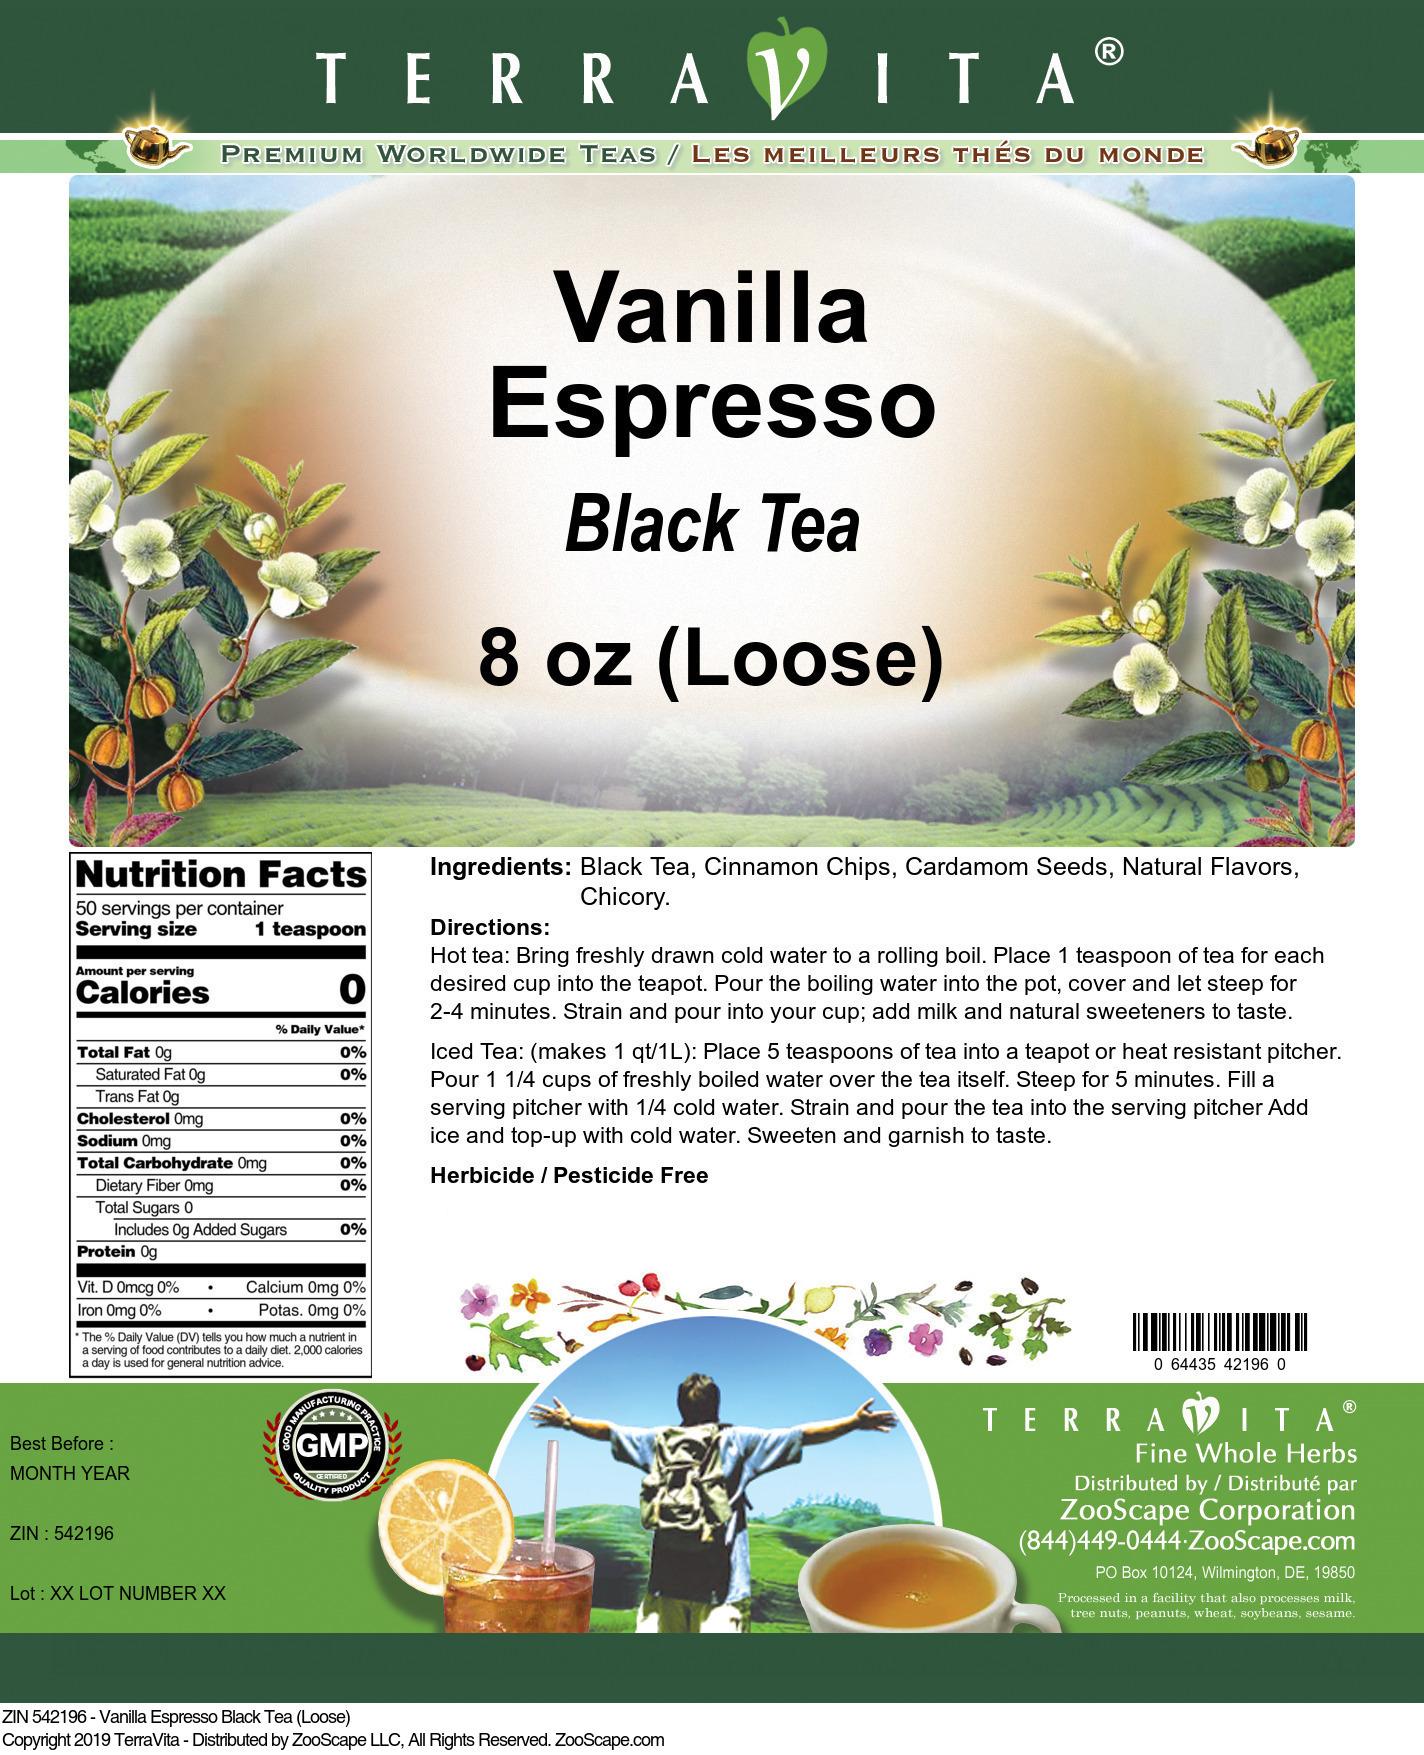 Vanilla Espresso Black Tea (Loose)